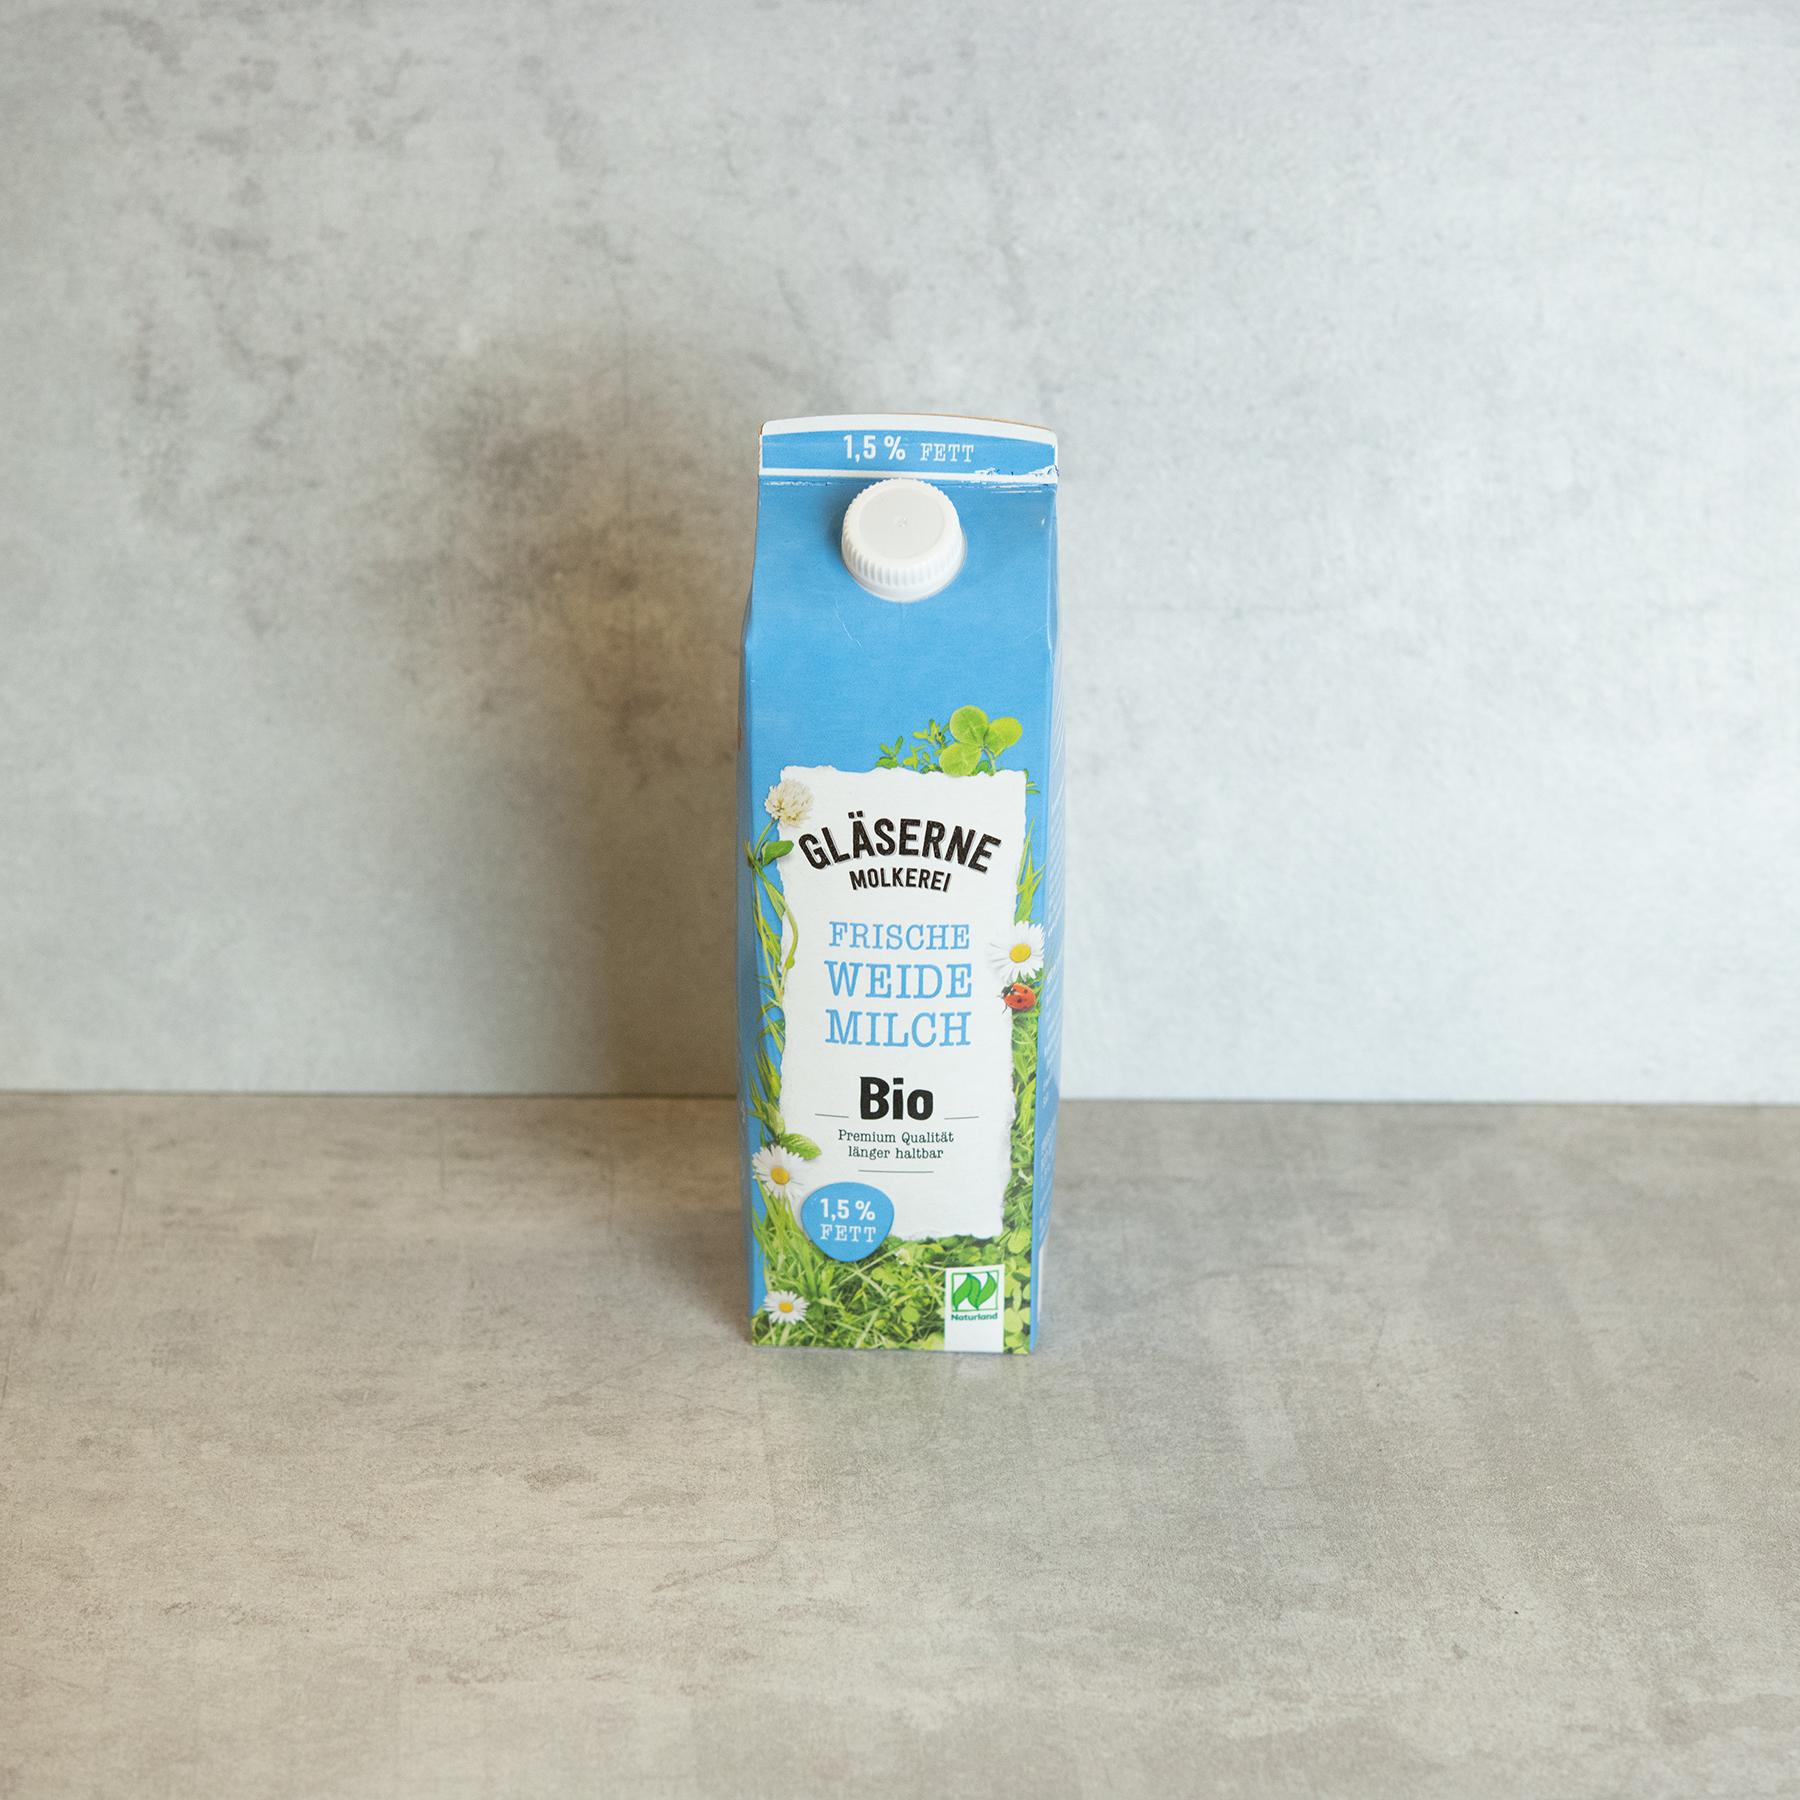 mh20-bio-weidemilch-10-liter-15--fett-pasteurisiert-markthalle20-1